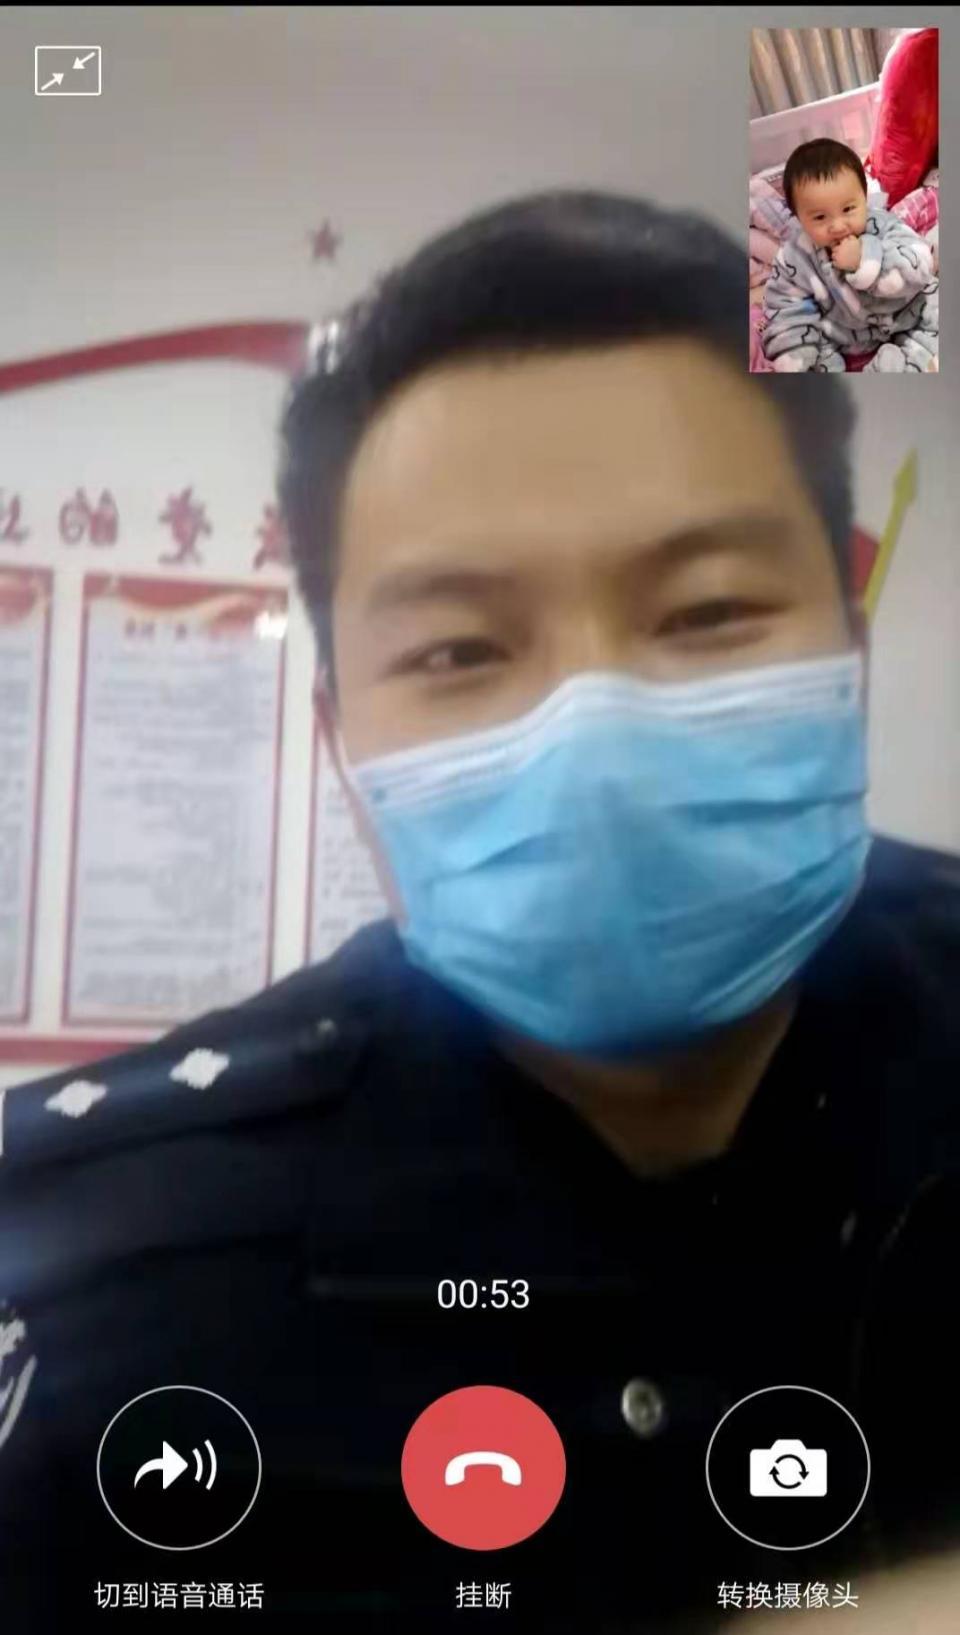 桐柏公安交警大隊甘宇聲:服從命令聽指揮 舍棄小我獻崗位